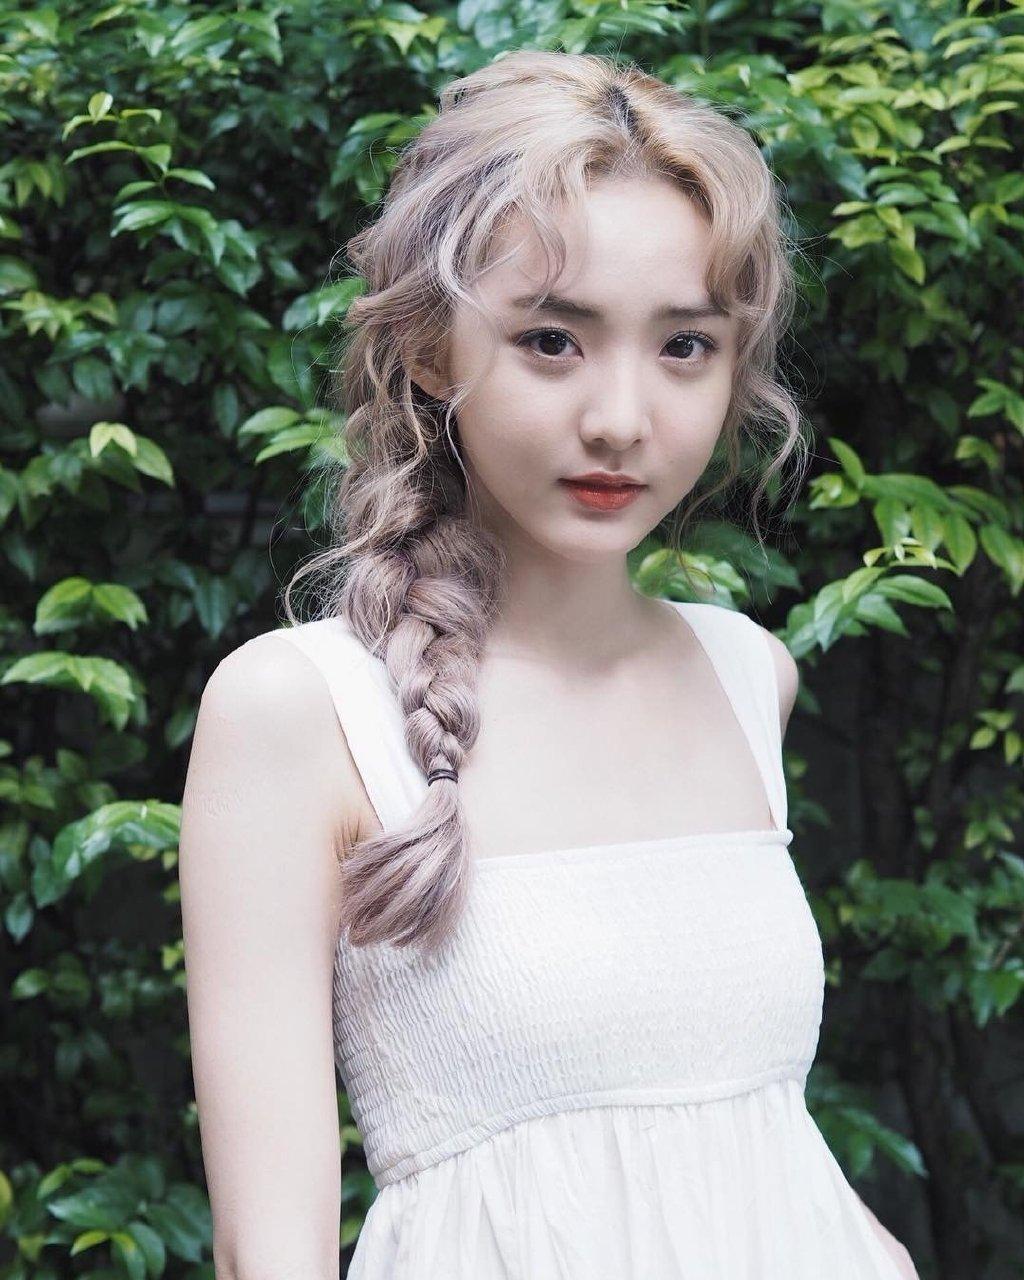 Paparazzi xứ Trung tóm sống cảnh hotgirl Thái cực hot tại Việt Nam hẹn hò với nam thần nổi tiếng Idol Producer - Ảnh 9.